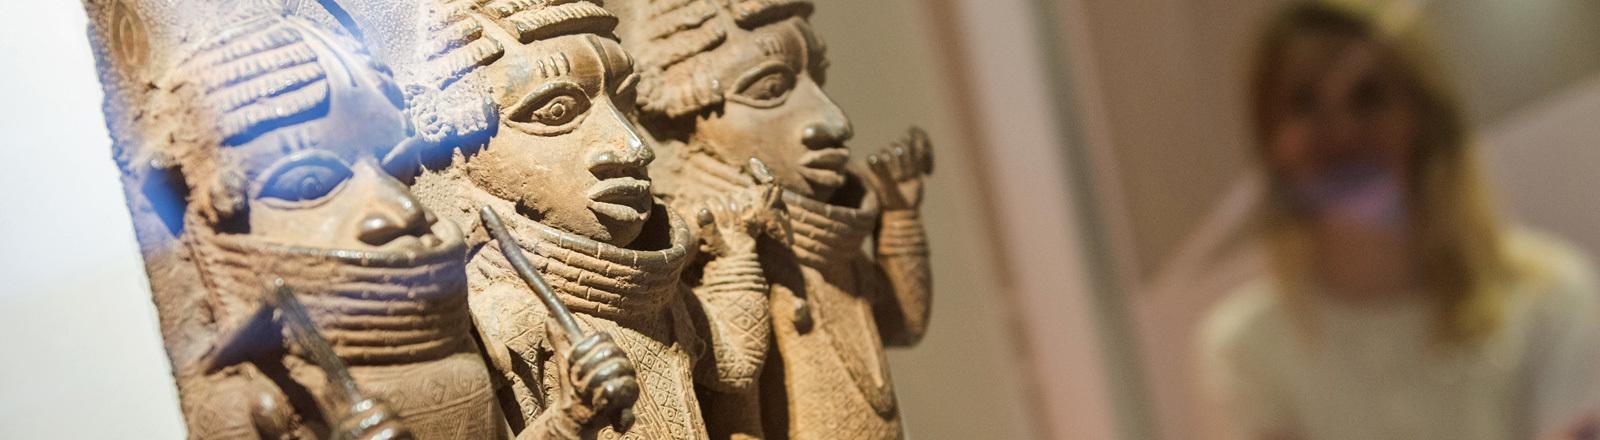 Raubkunst-Bronzen aus Benin werden im Hamburger Museum für Kunst und Gewerbe in einer Vitrine ausgestellt; Foto: dpa